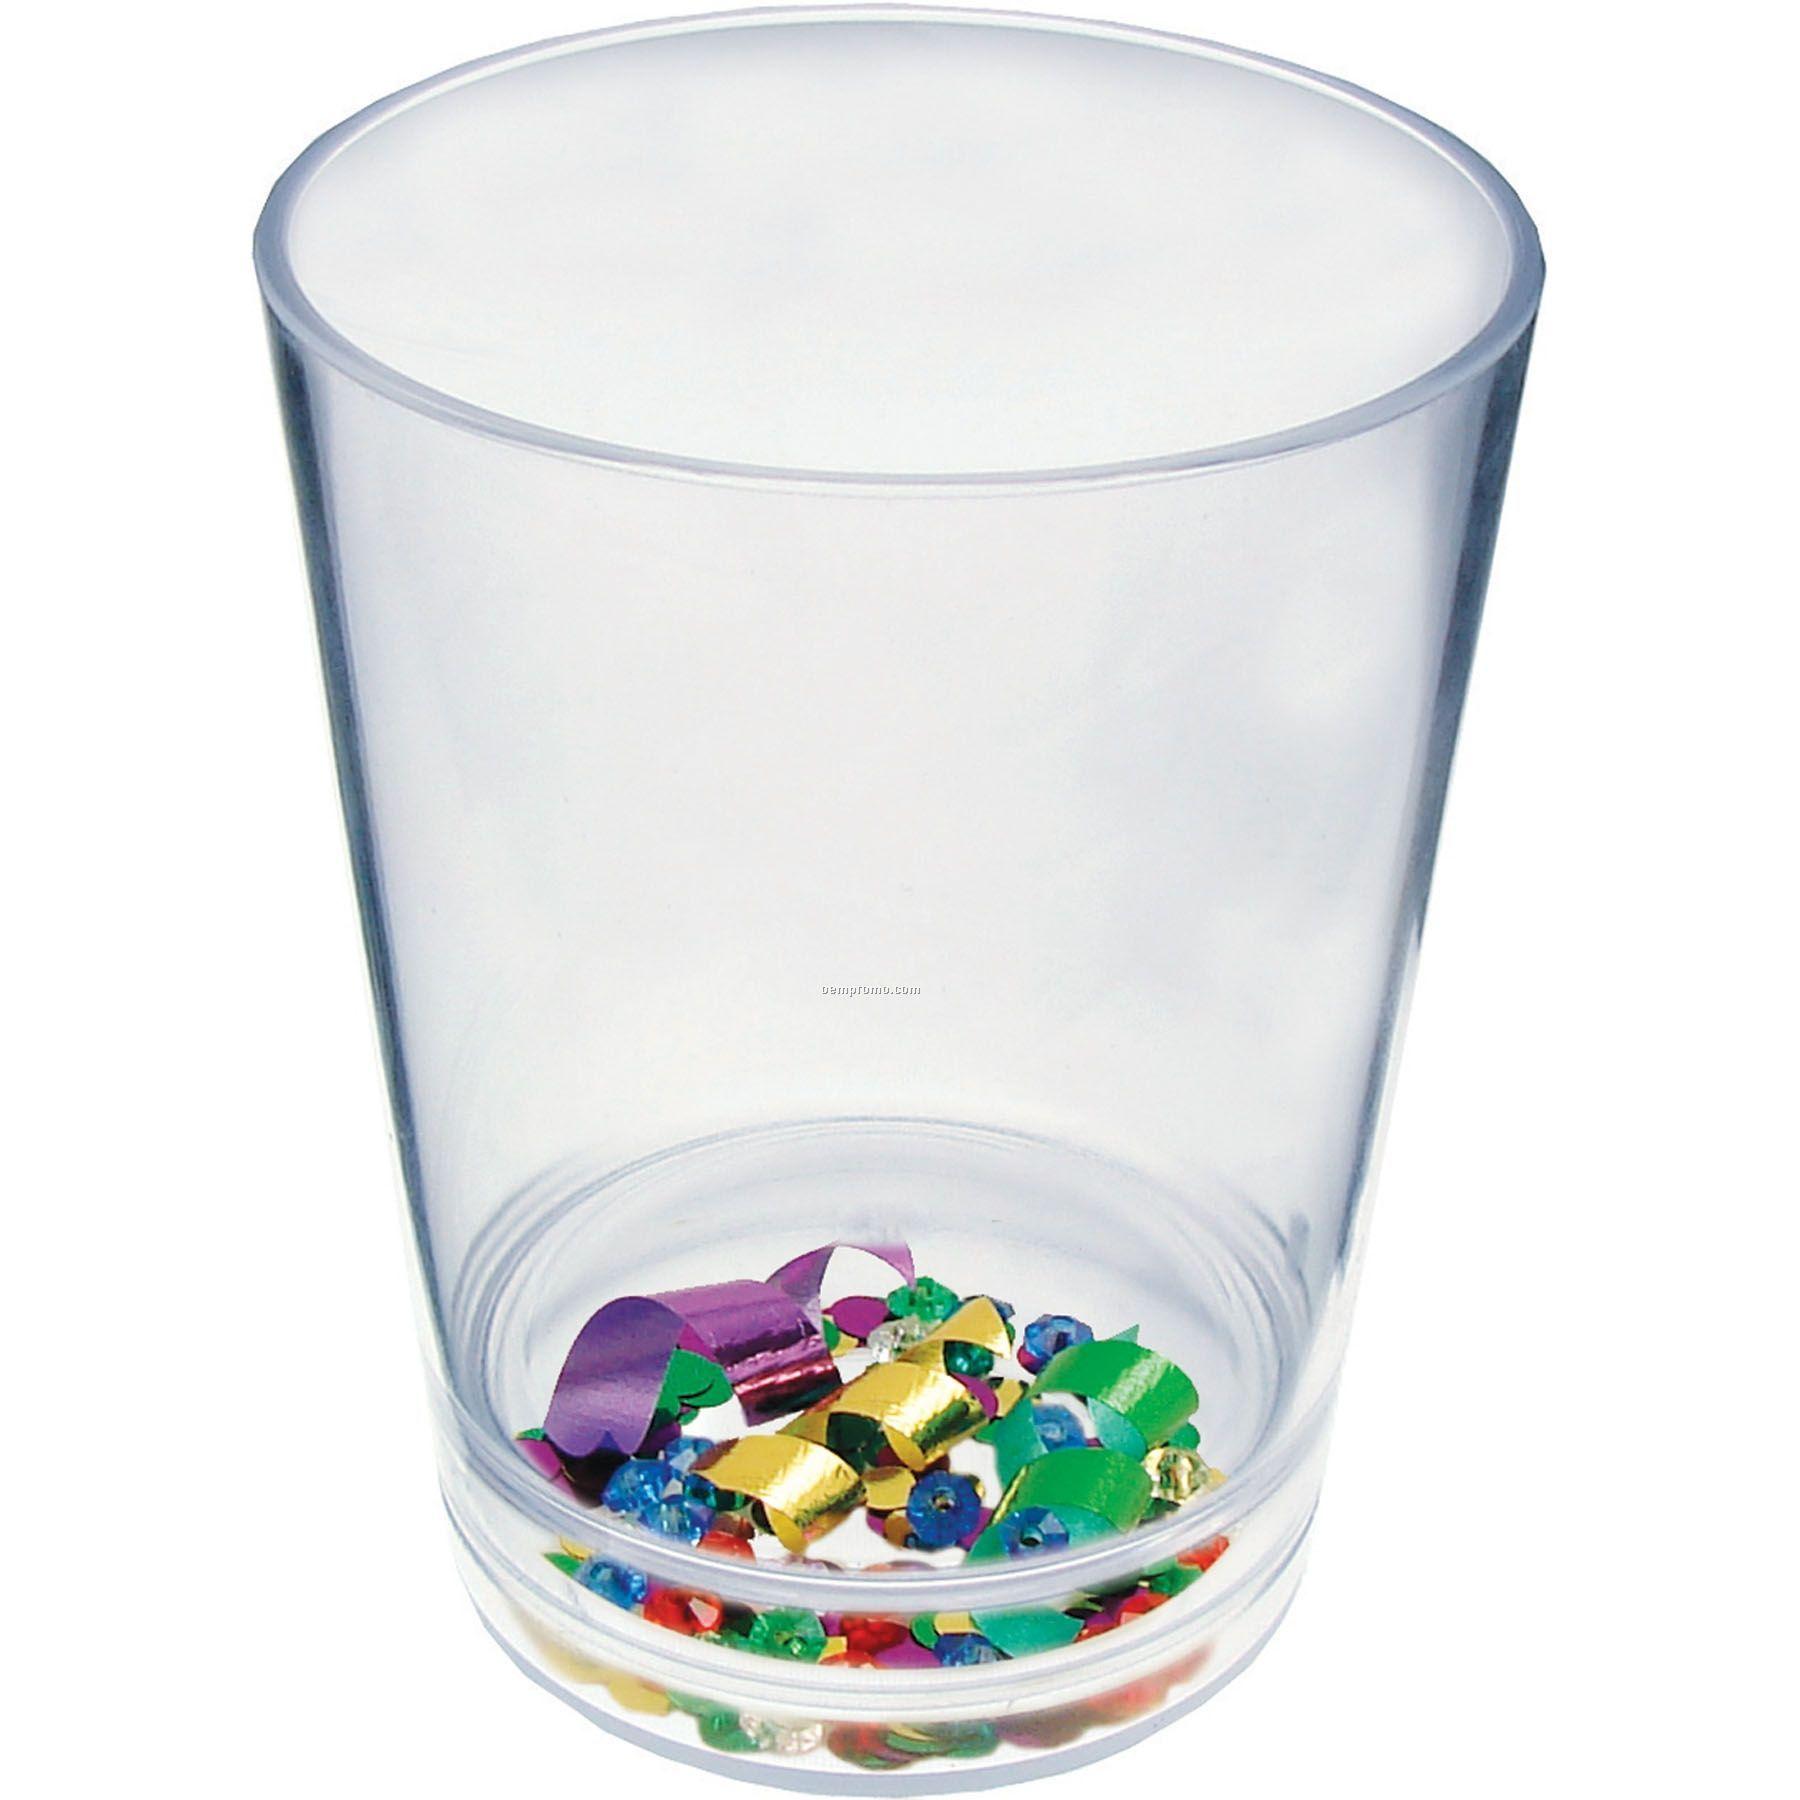 12 Oz. Mardi Gras Compartment Cup